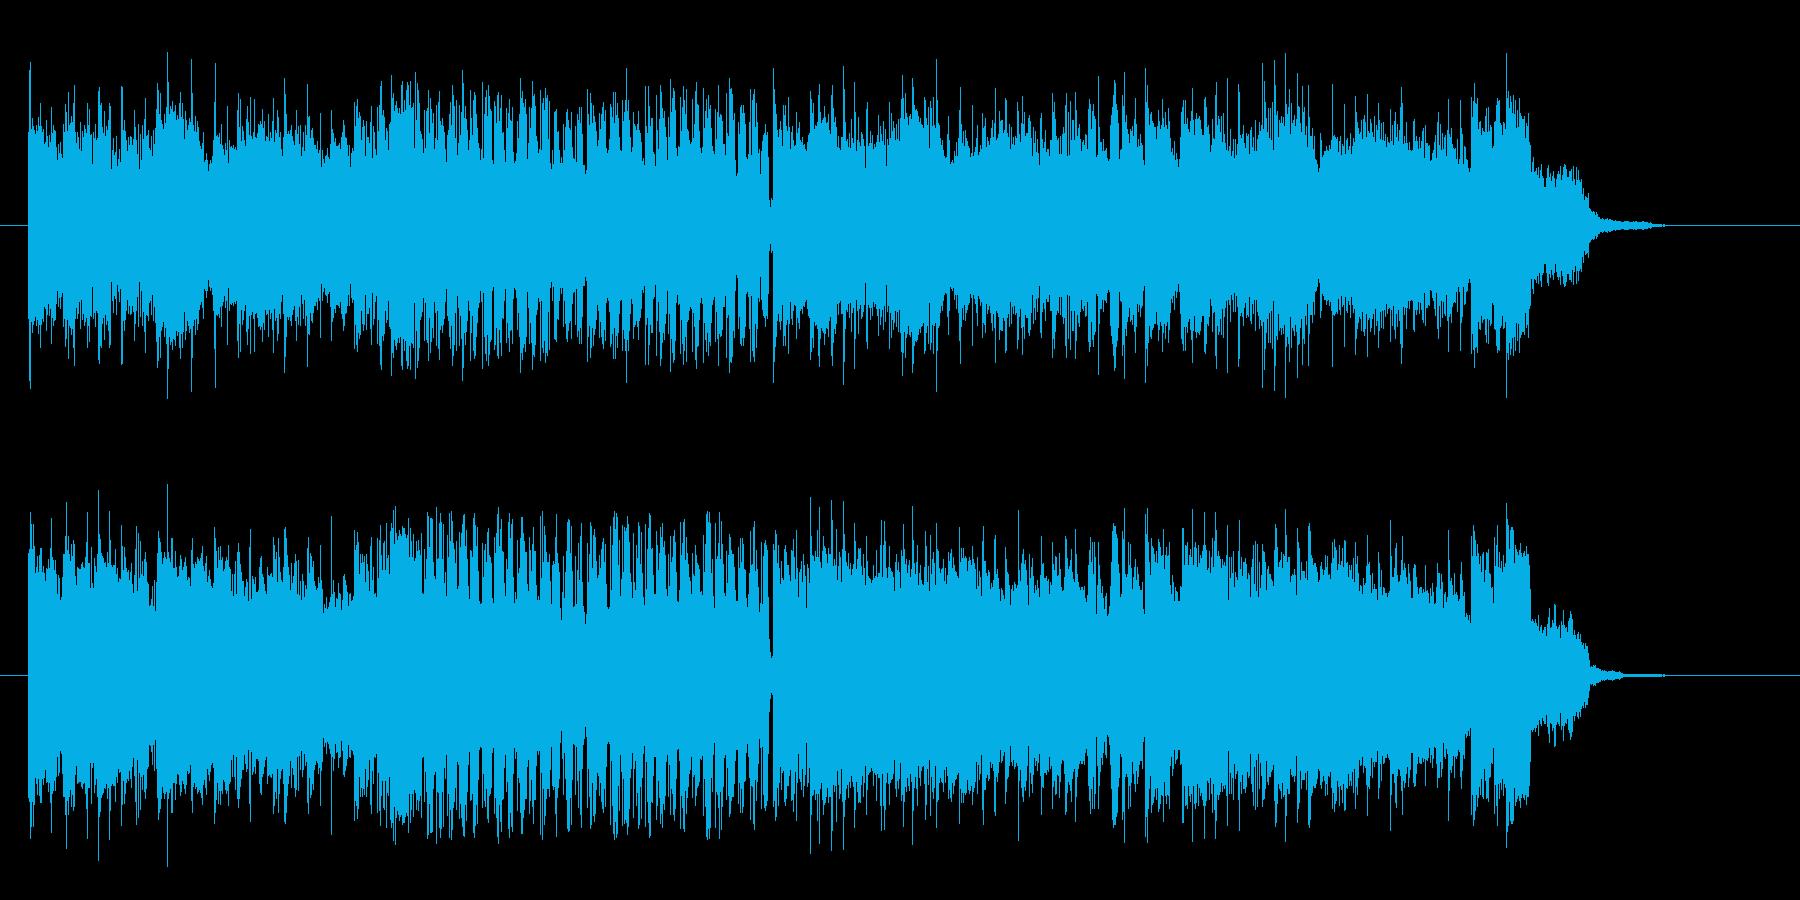 疾走感溢れるロックなエレキギターサウンドの再生済みの波形